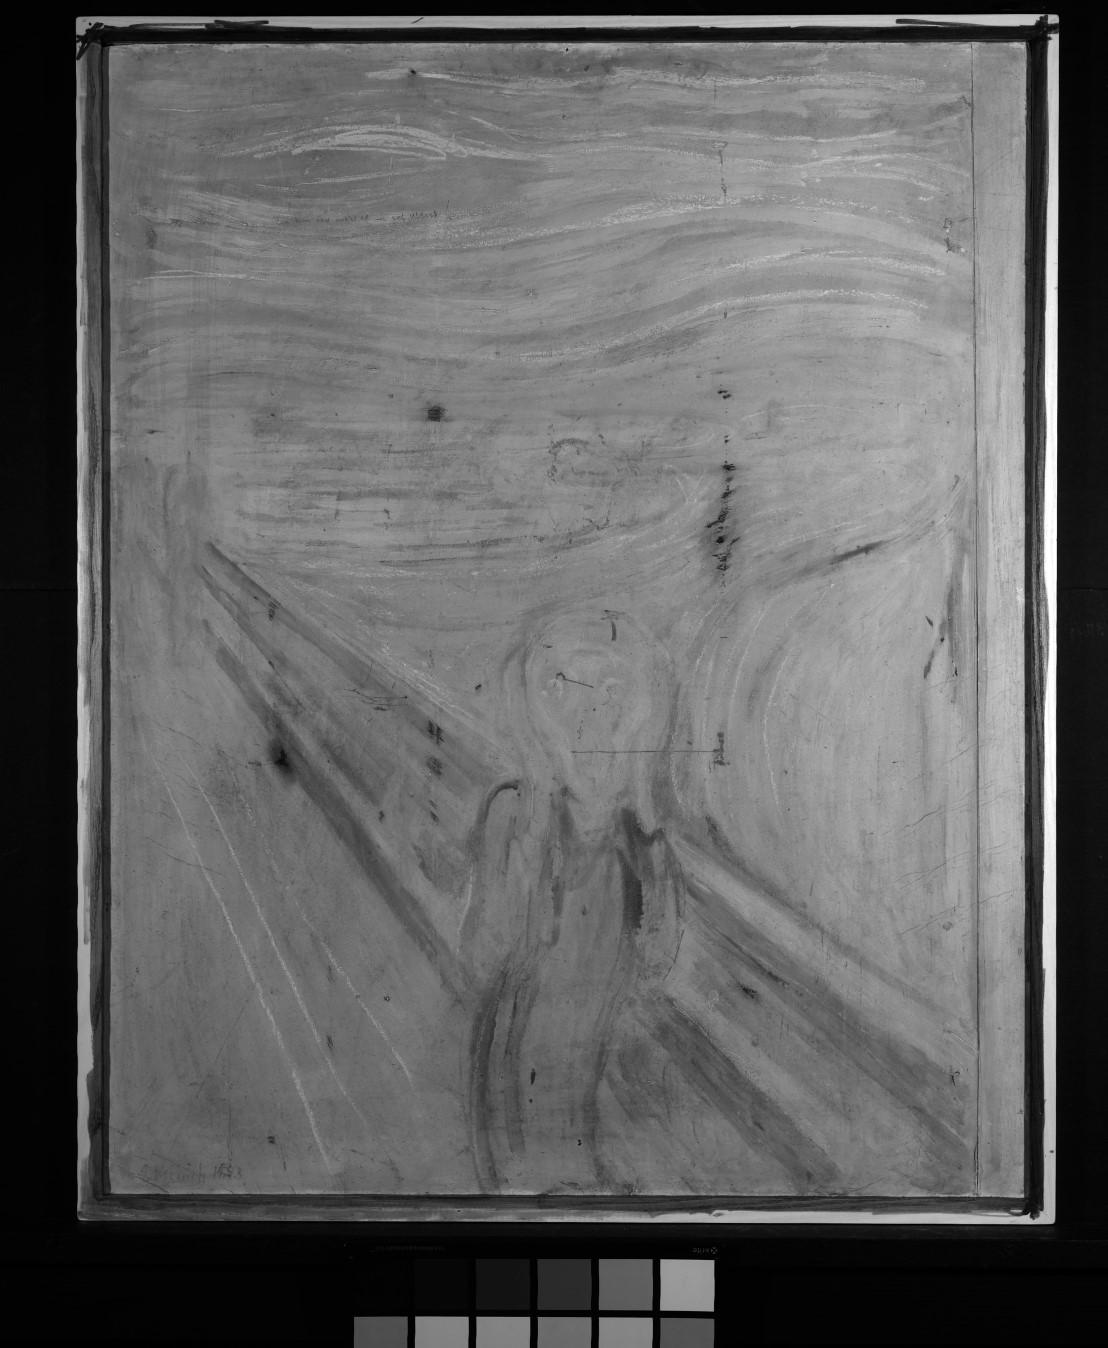 Foto infravermelha do quadro 'O Grito', de Edvard Munch